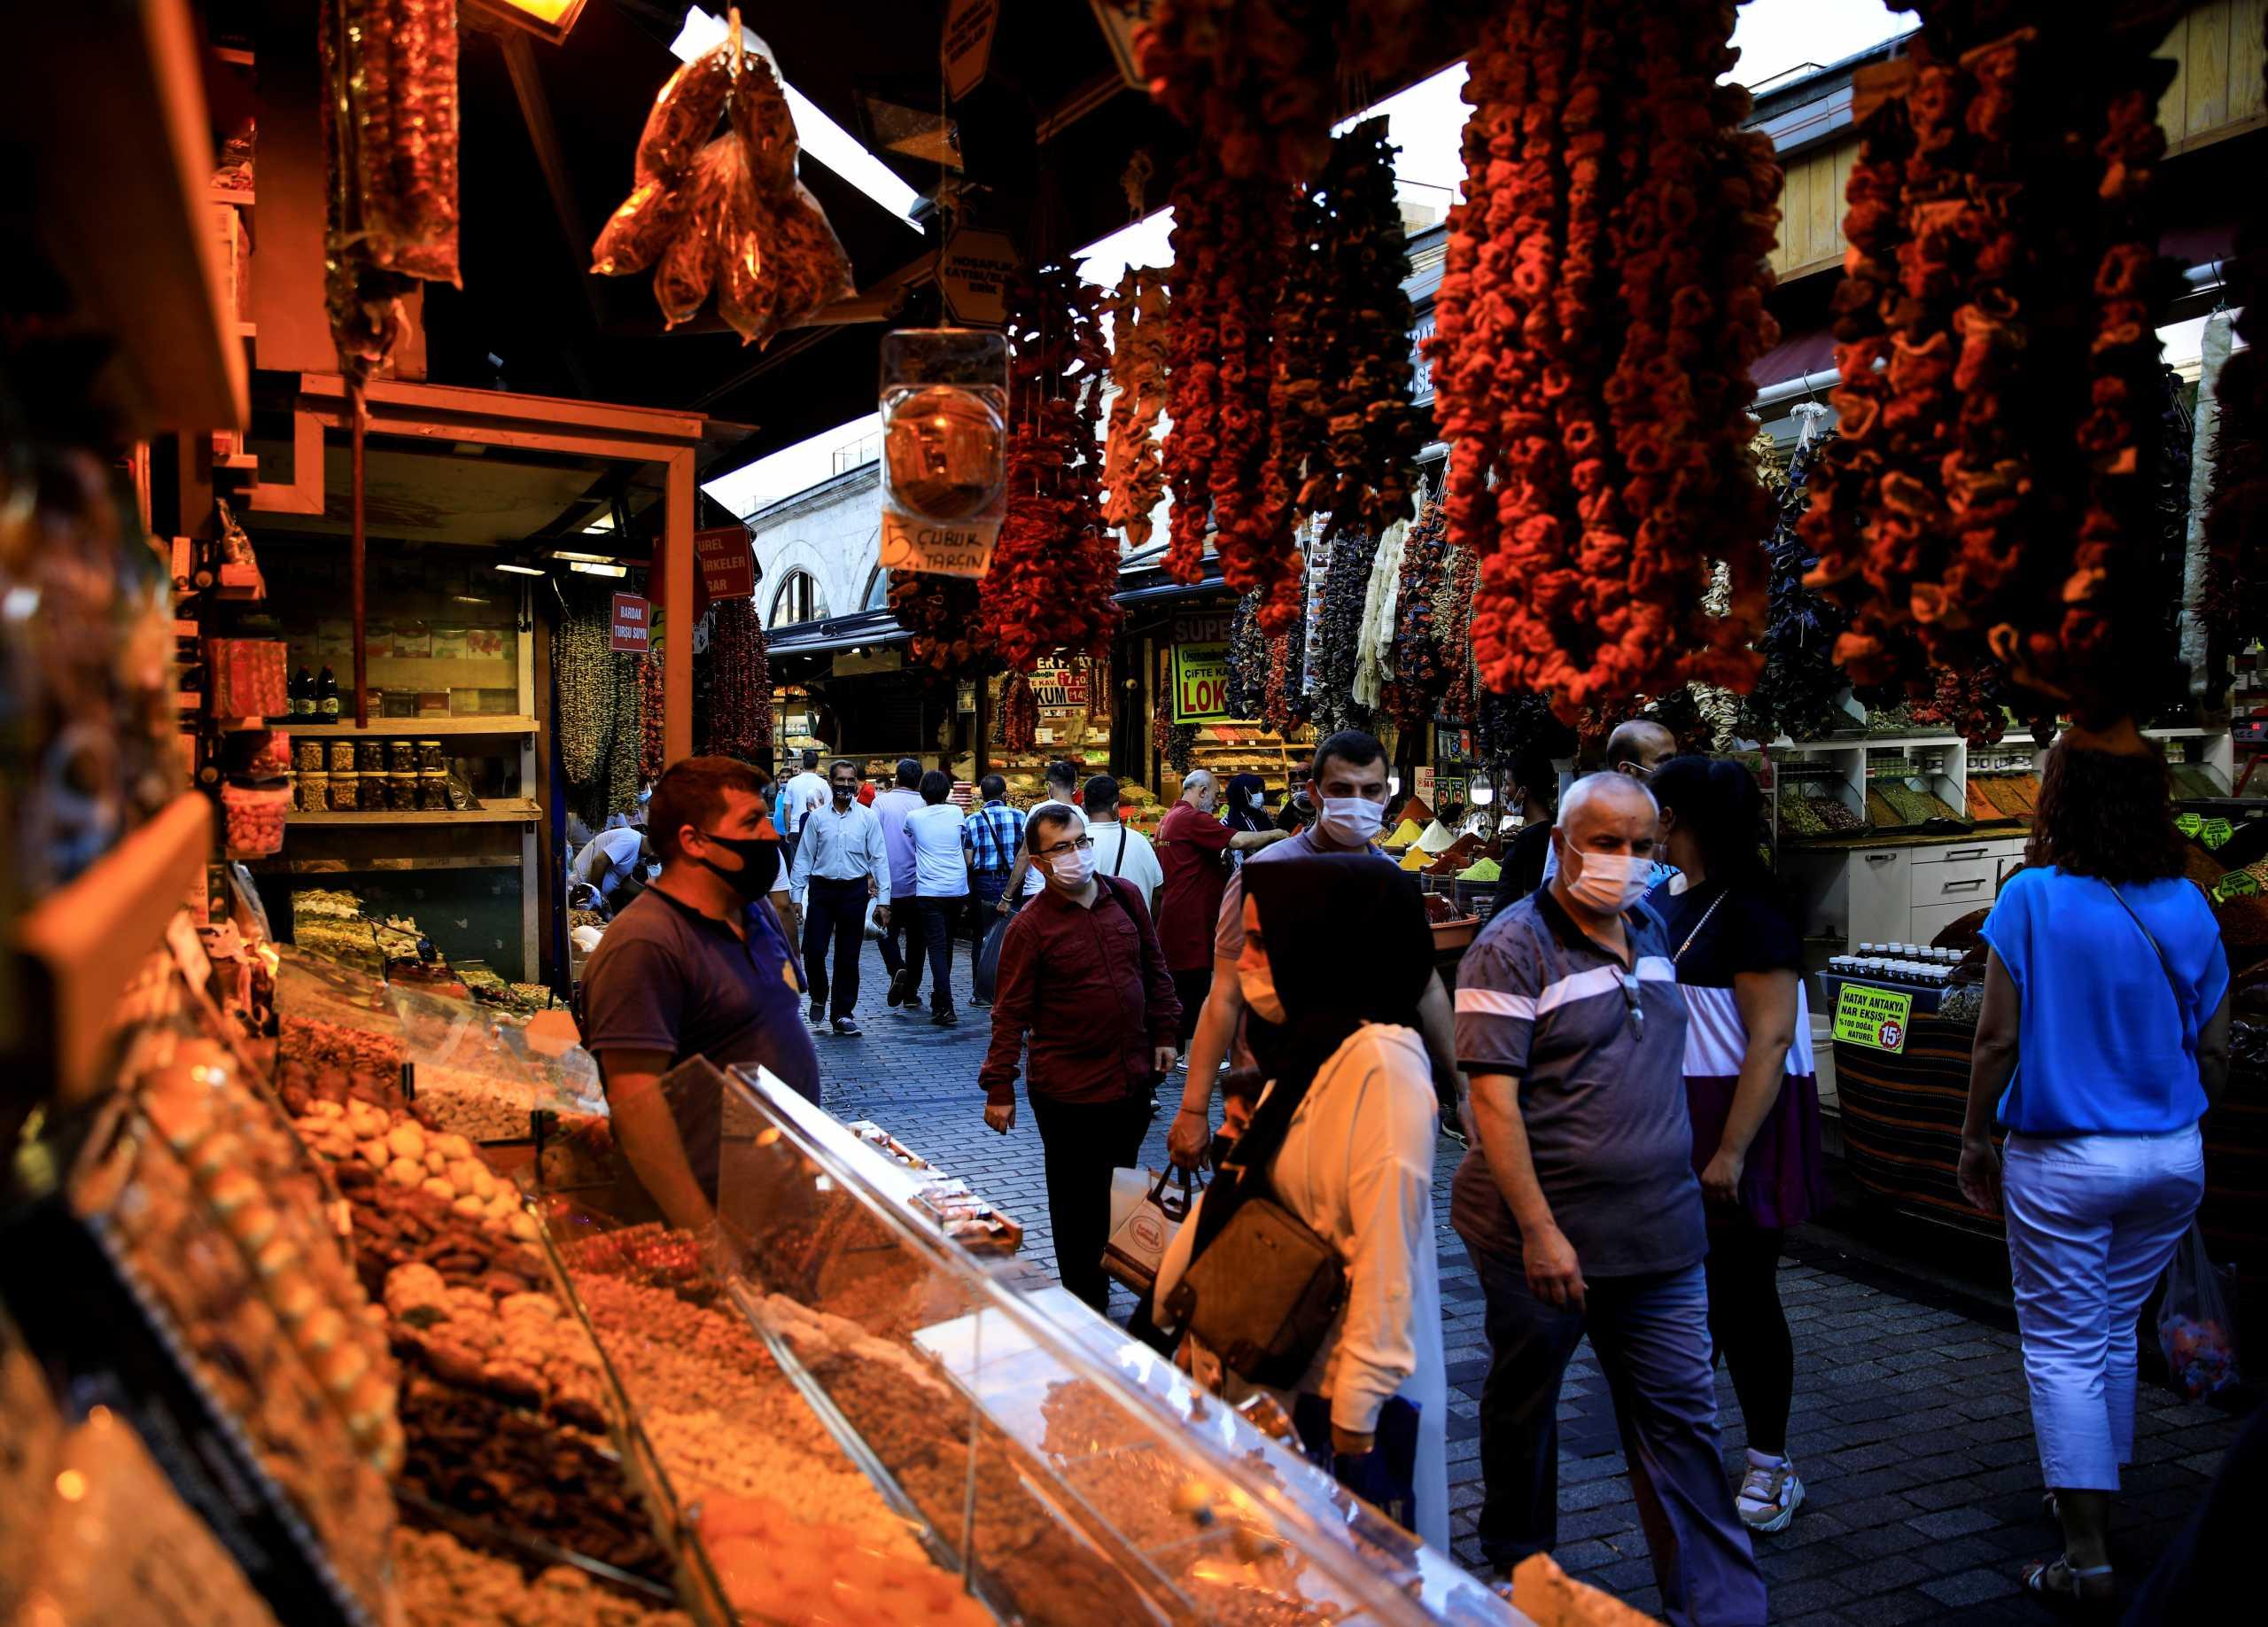 Τουρκία: 124 θάνατοι από κορονοϊό και 26.597 κρούσματα σε ένα 24ωρο